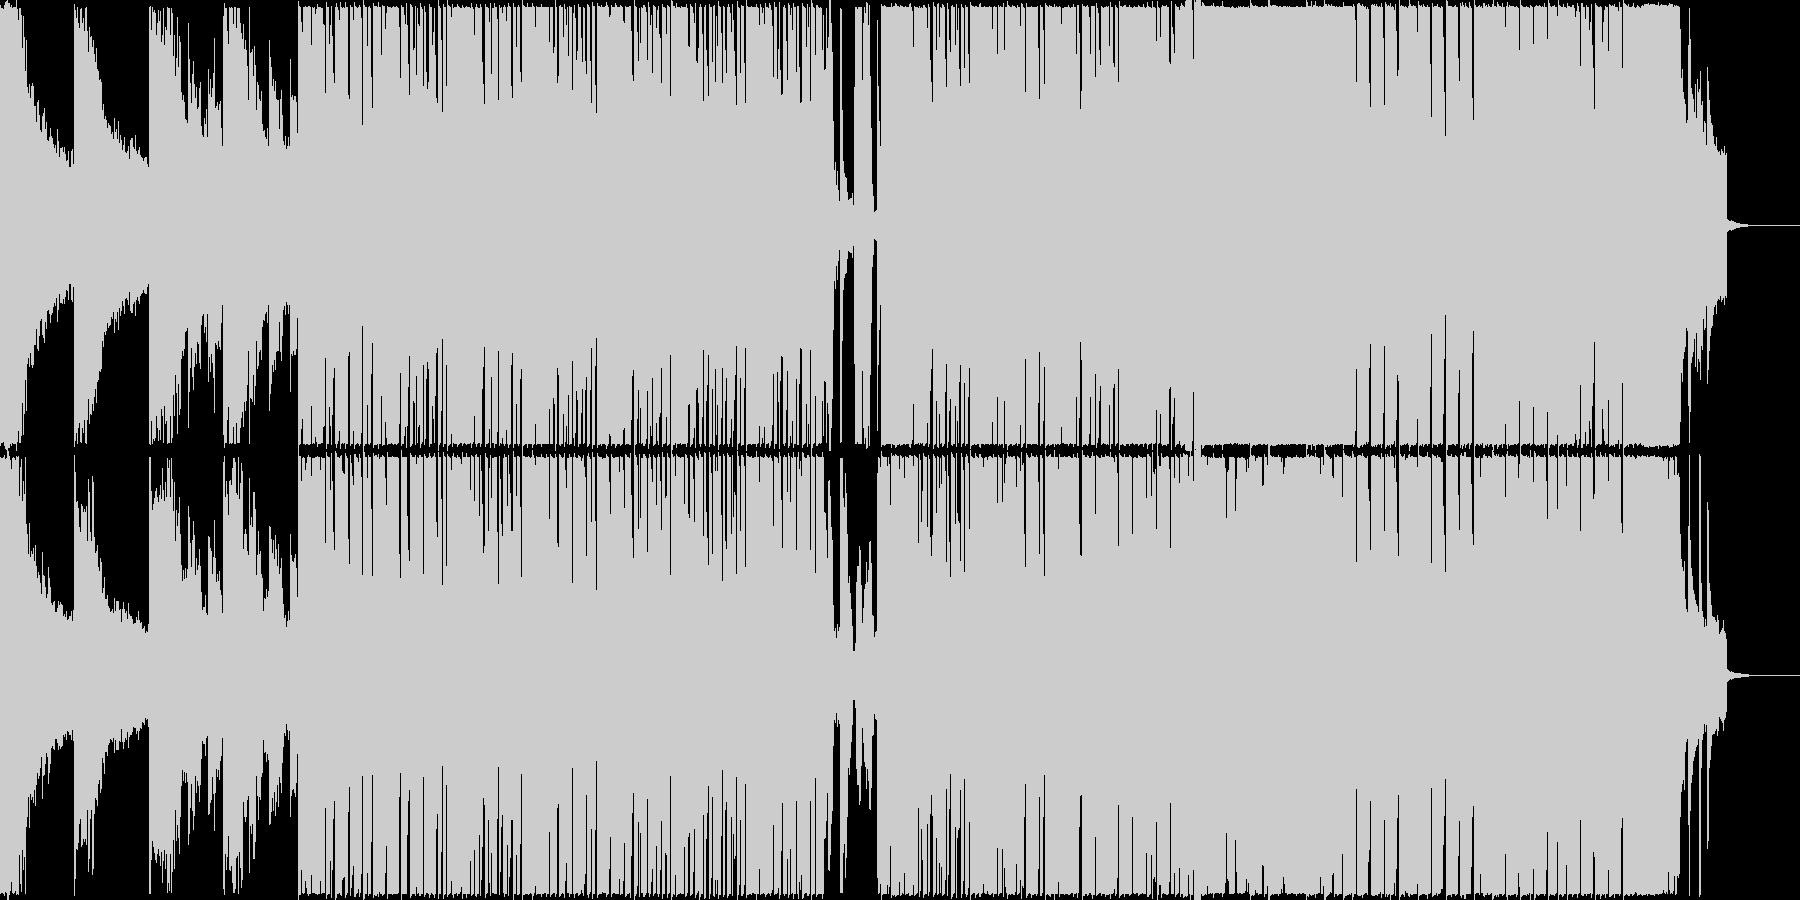 ピアノが印象的なエレクトロ音楽の未再生の波形